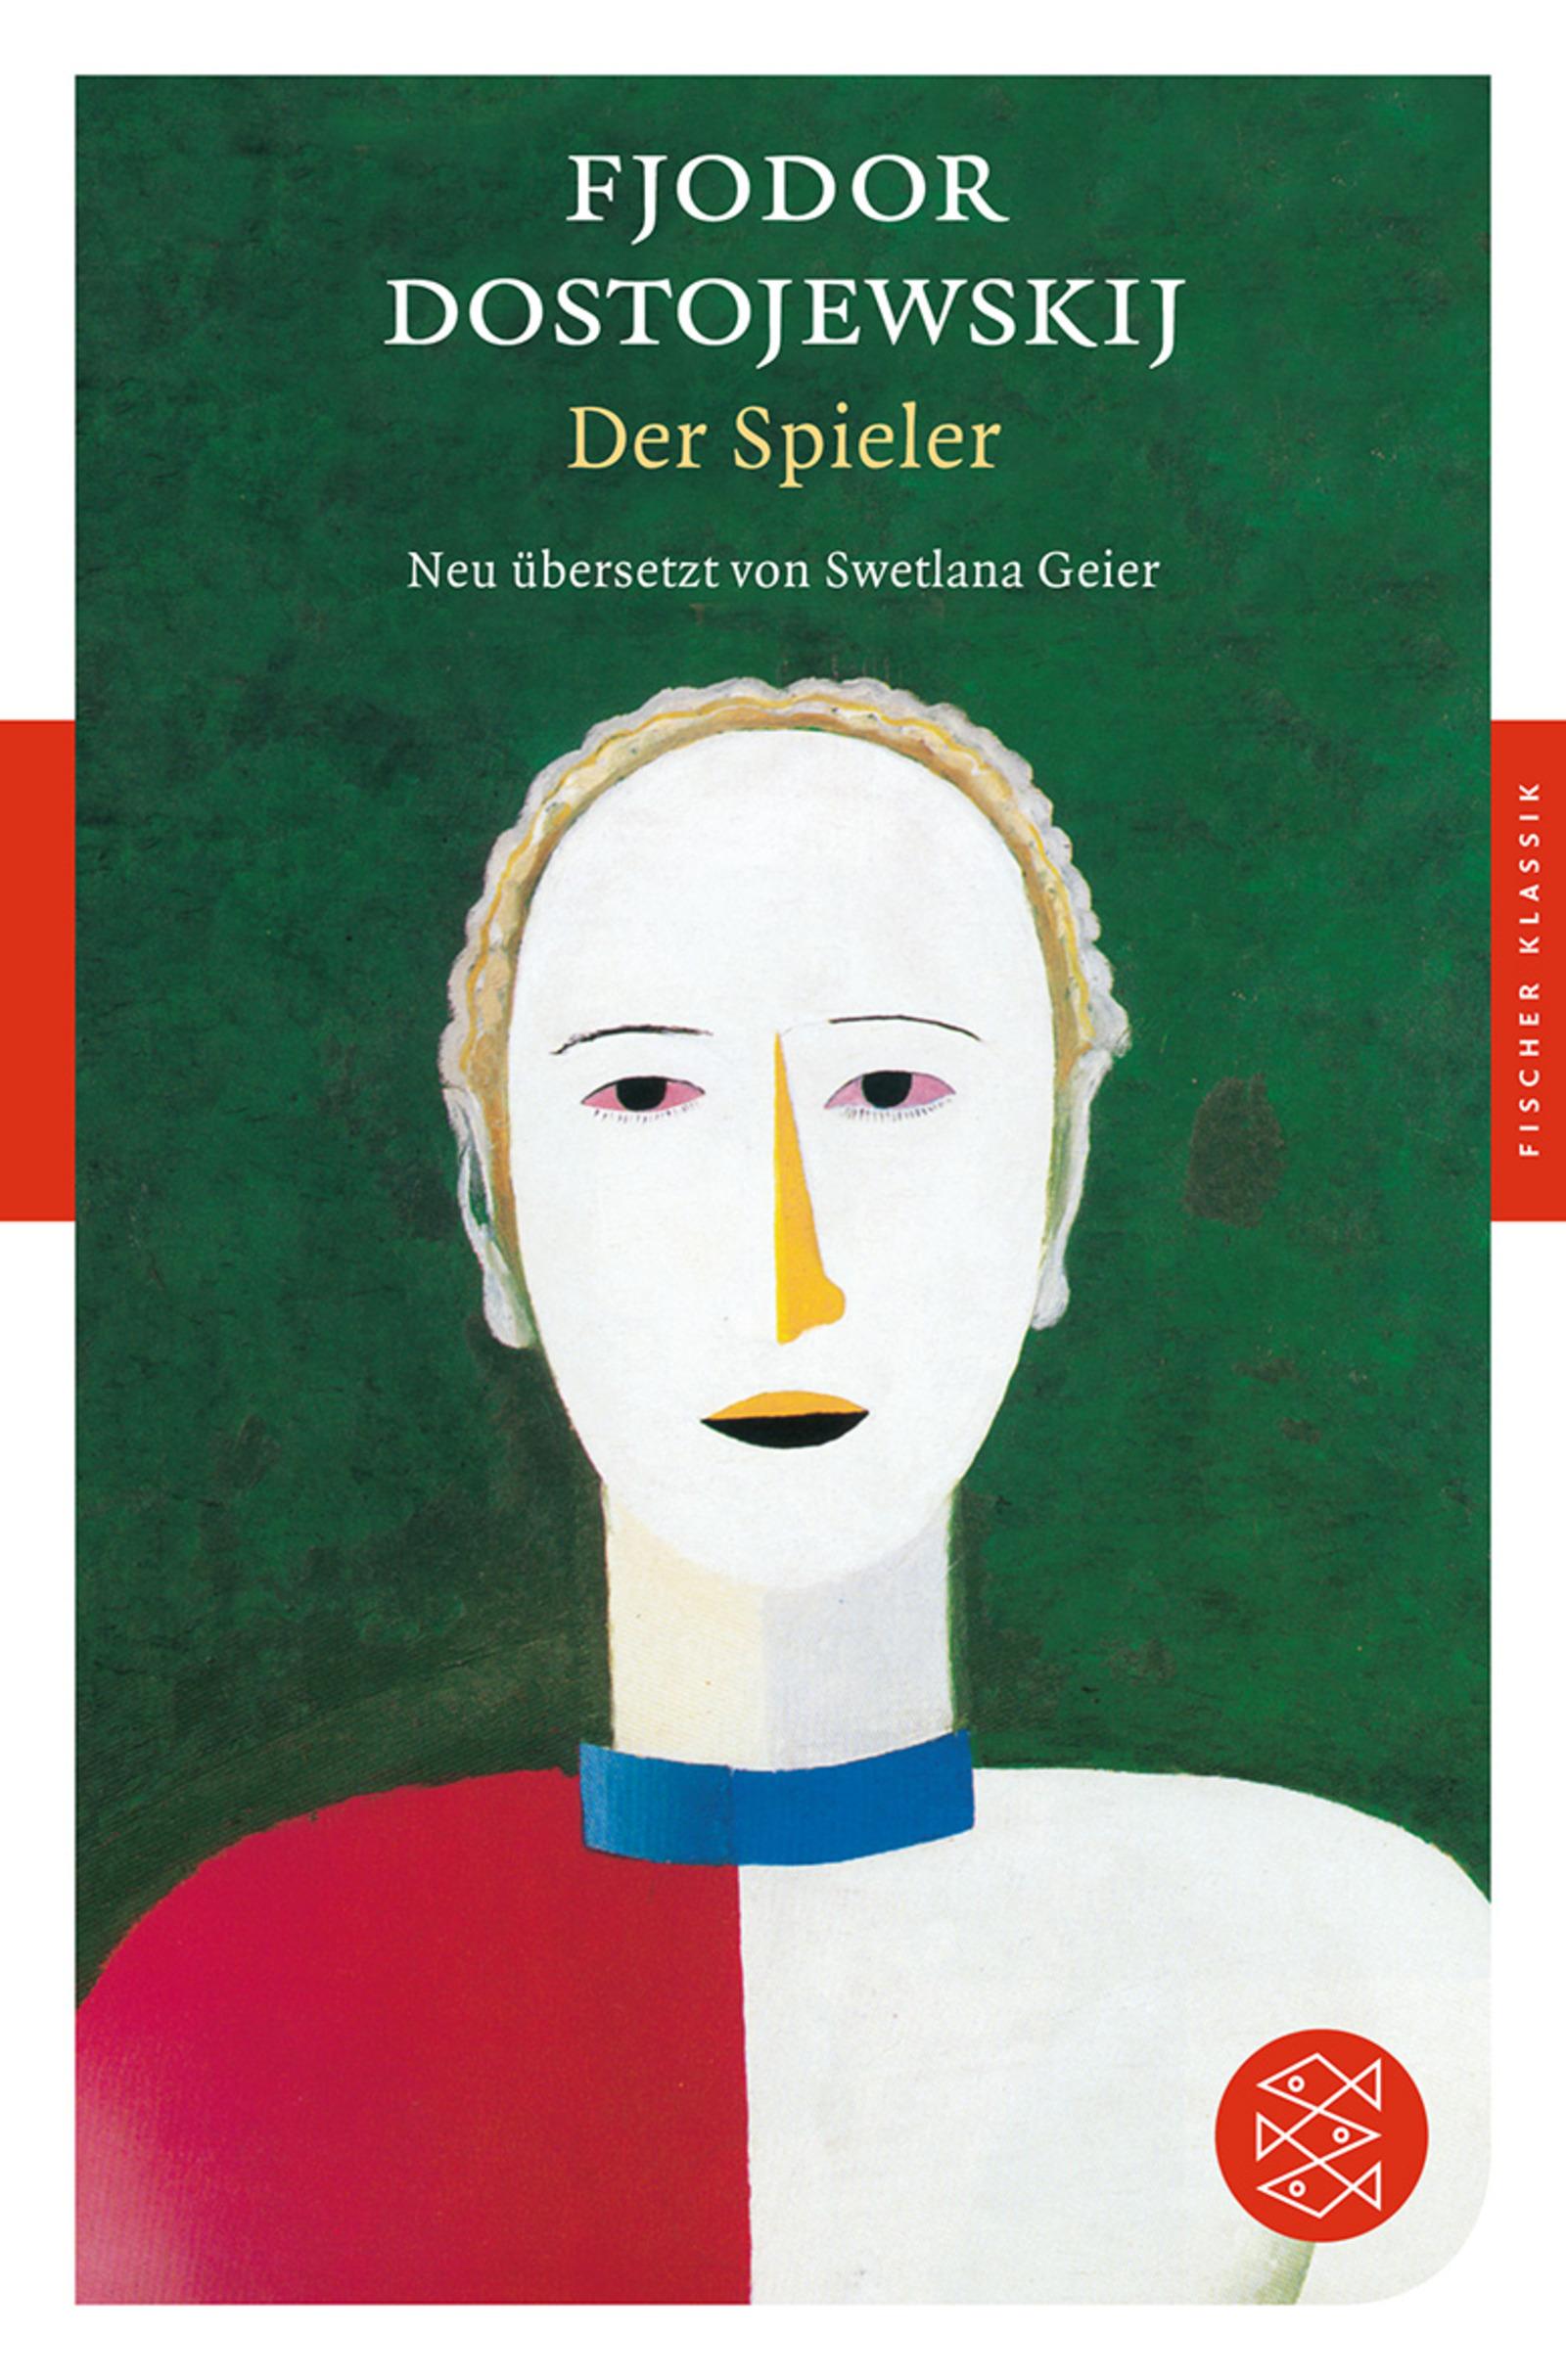 Der Spieler von Fjodor M. Dostojewskij Parkbuchhandlung Buchhandlung Bonn Bad Godesberg